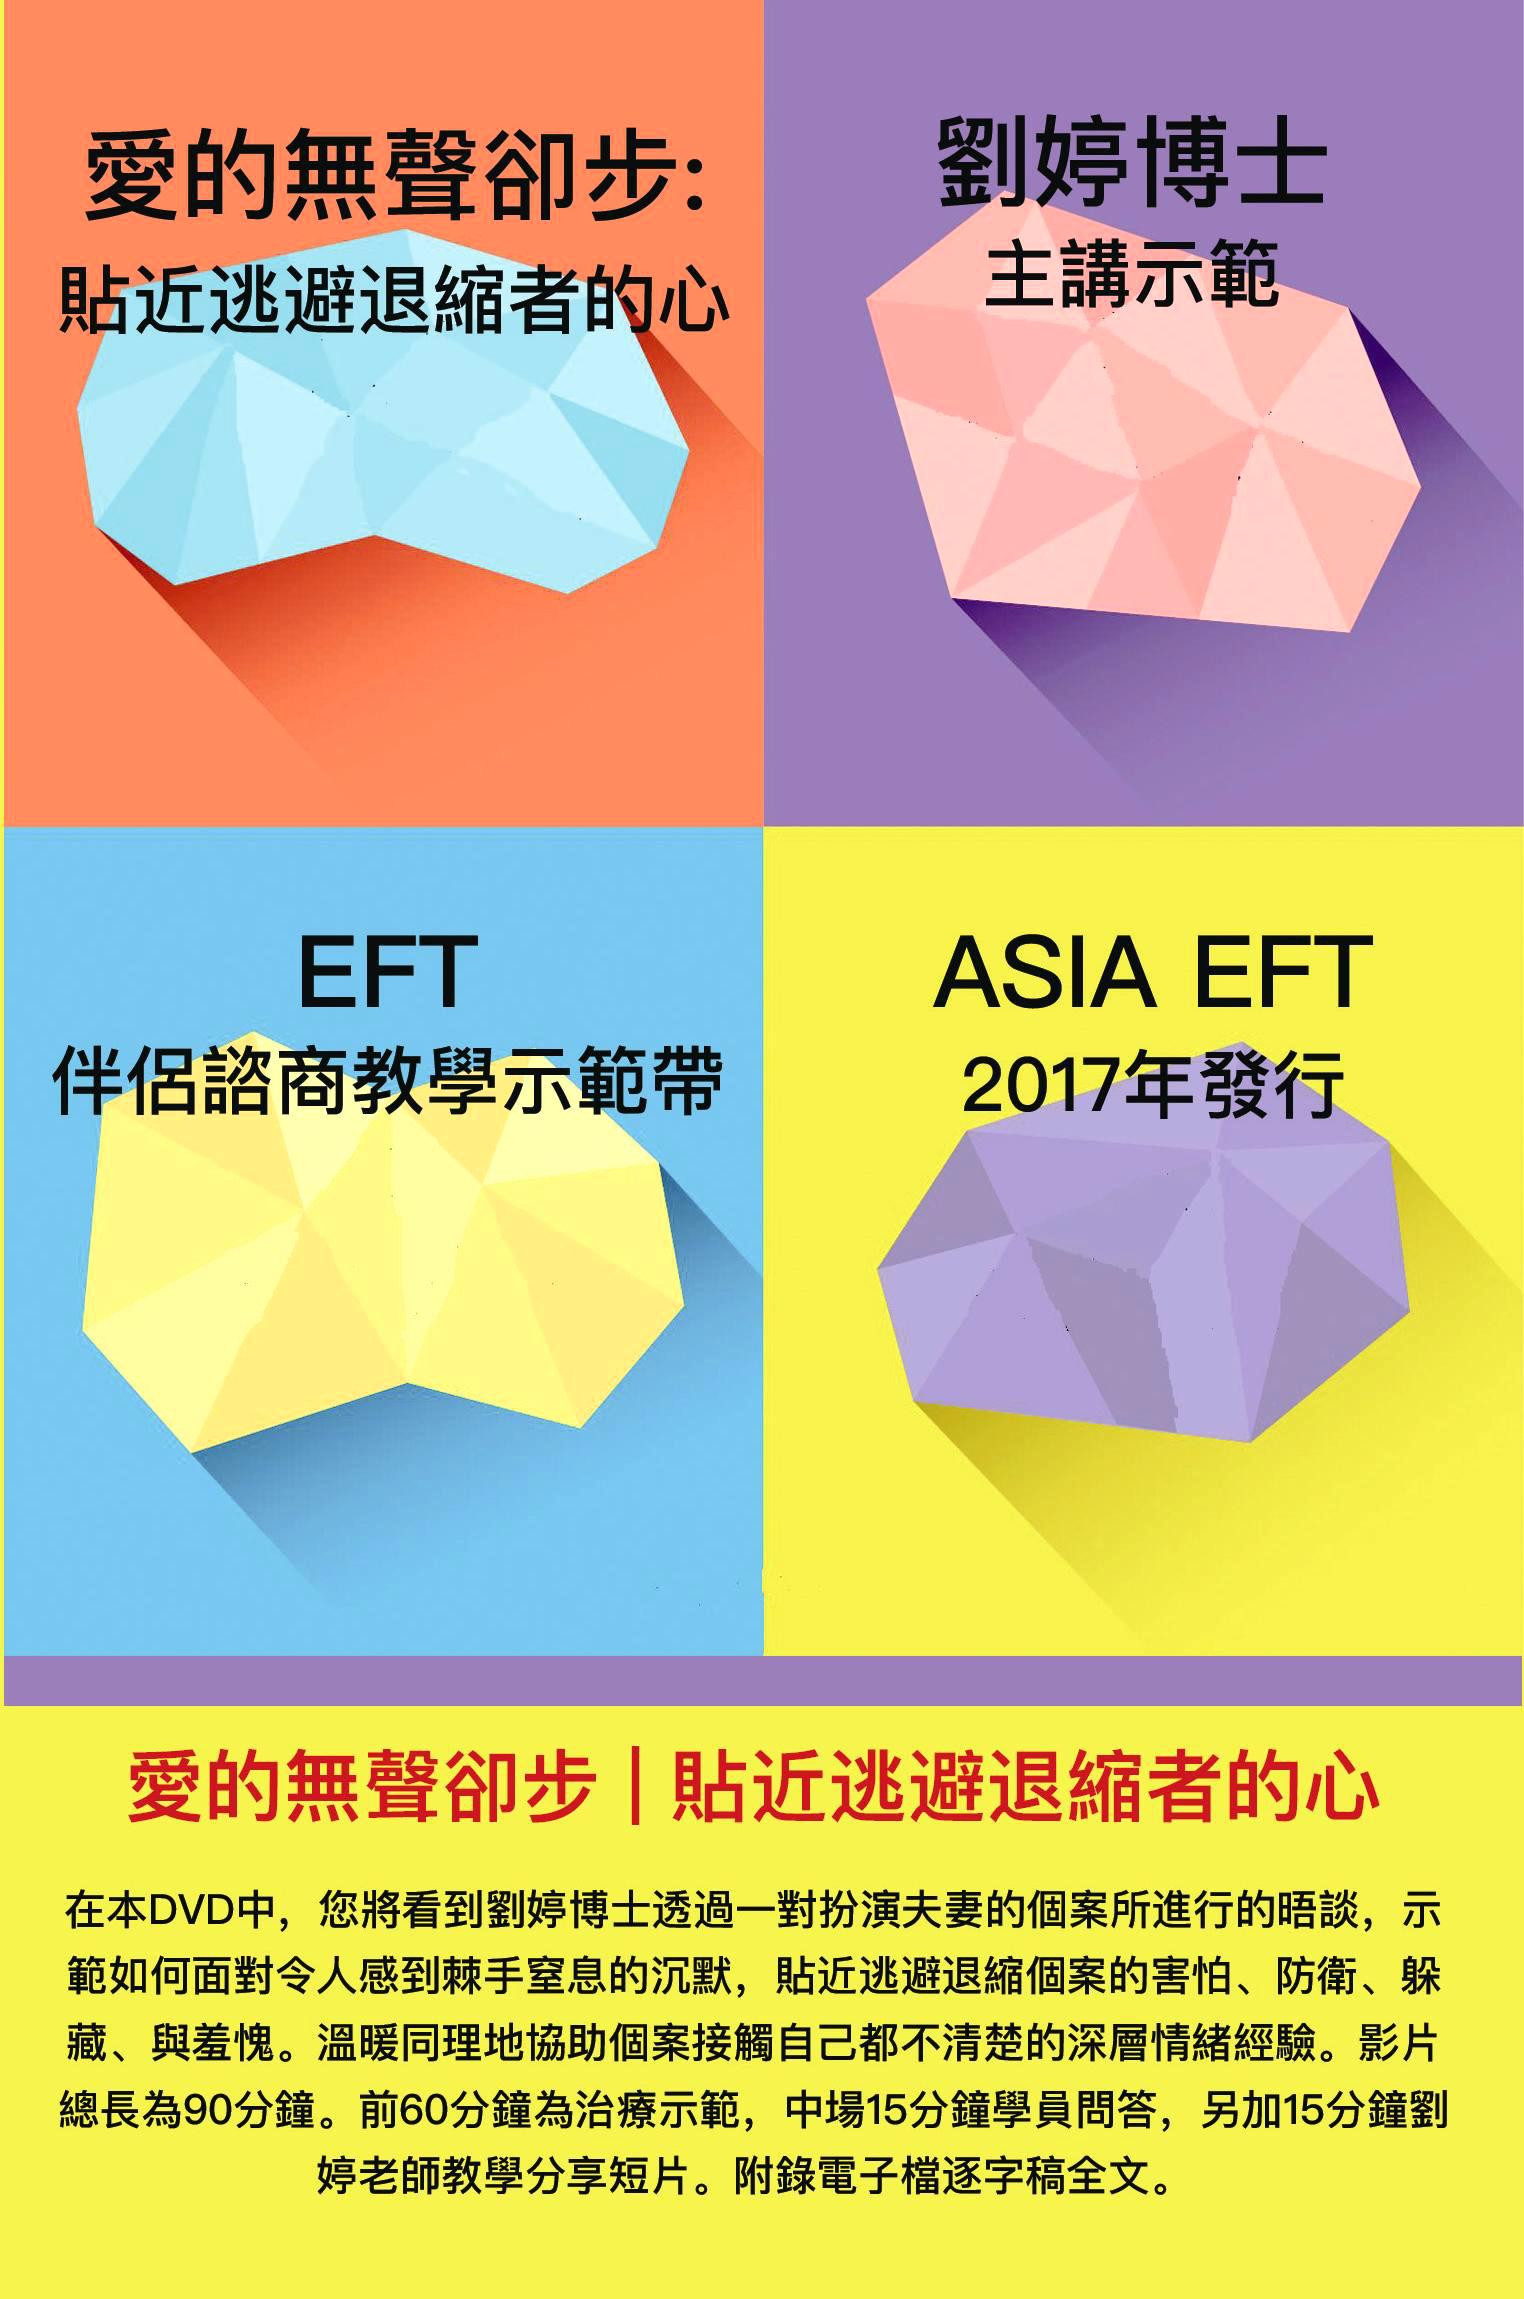 EFT伴侶諮商教學示範帶 – Asia EFT